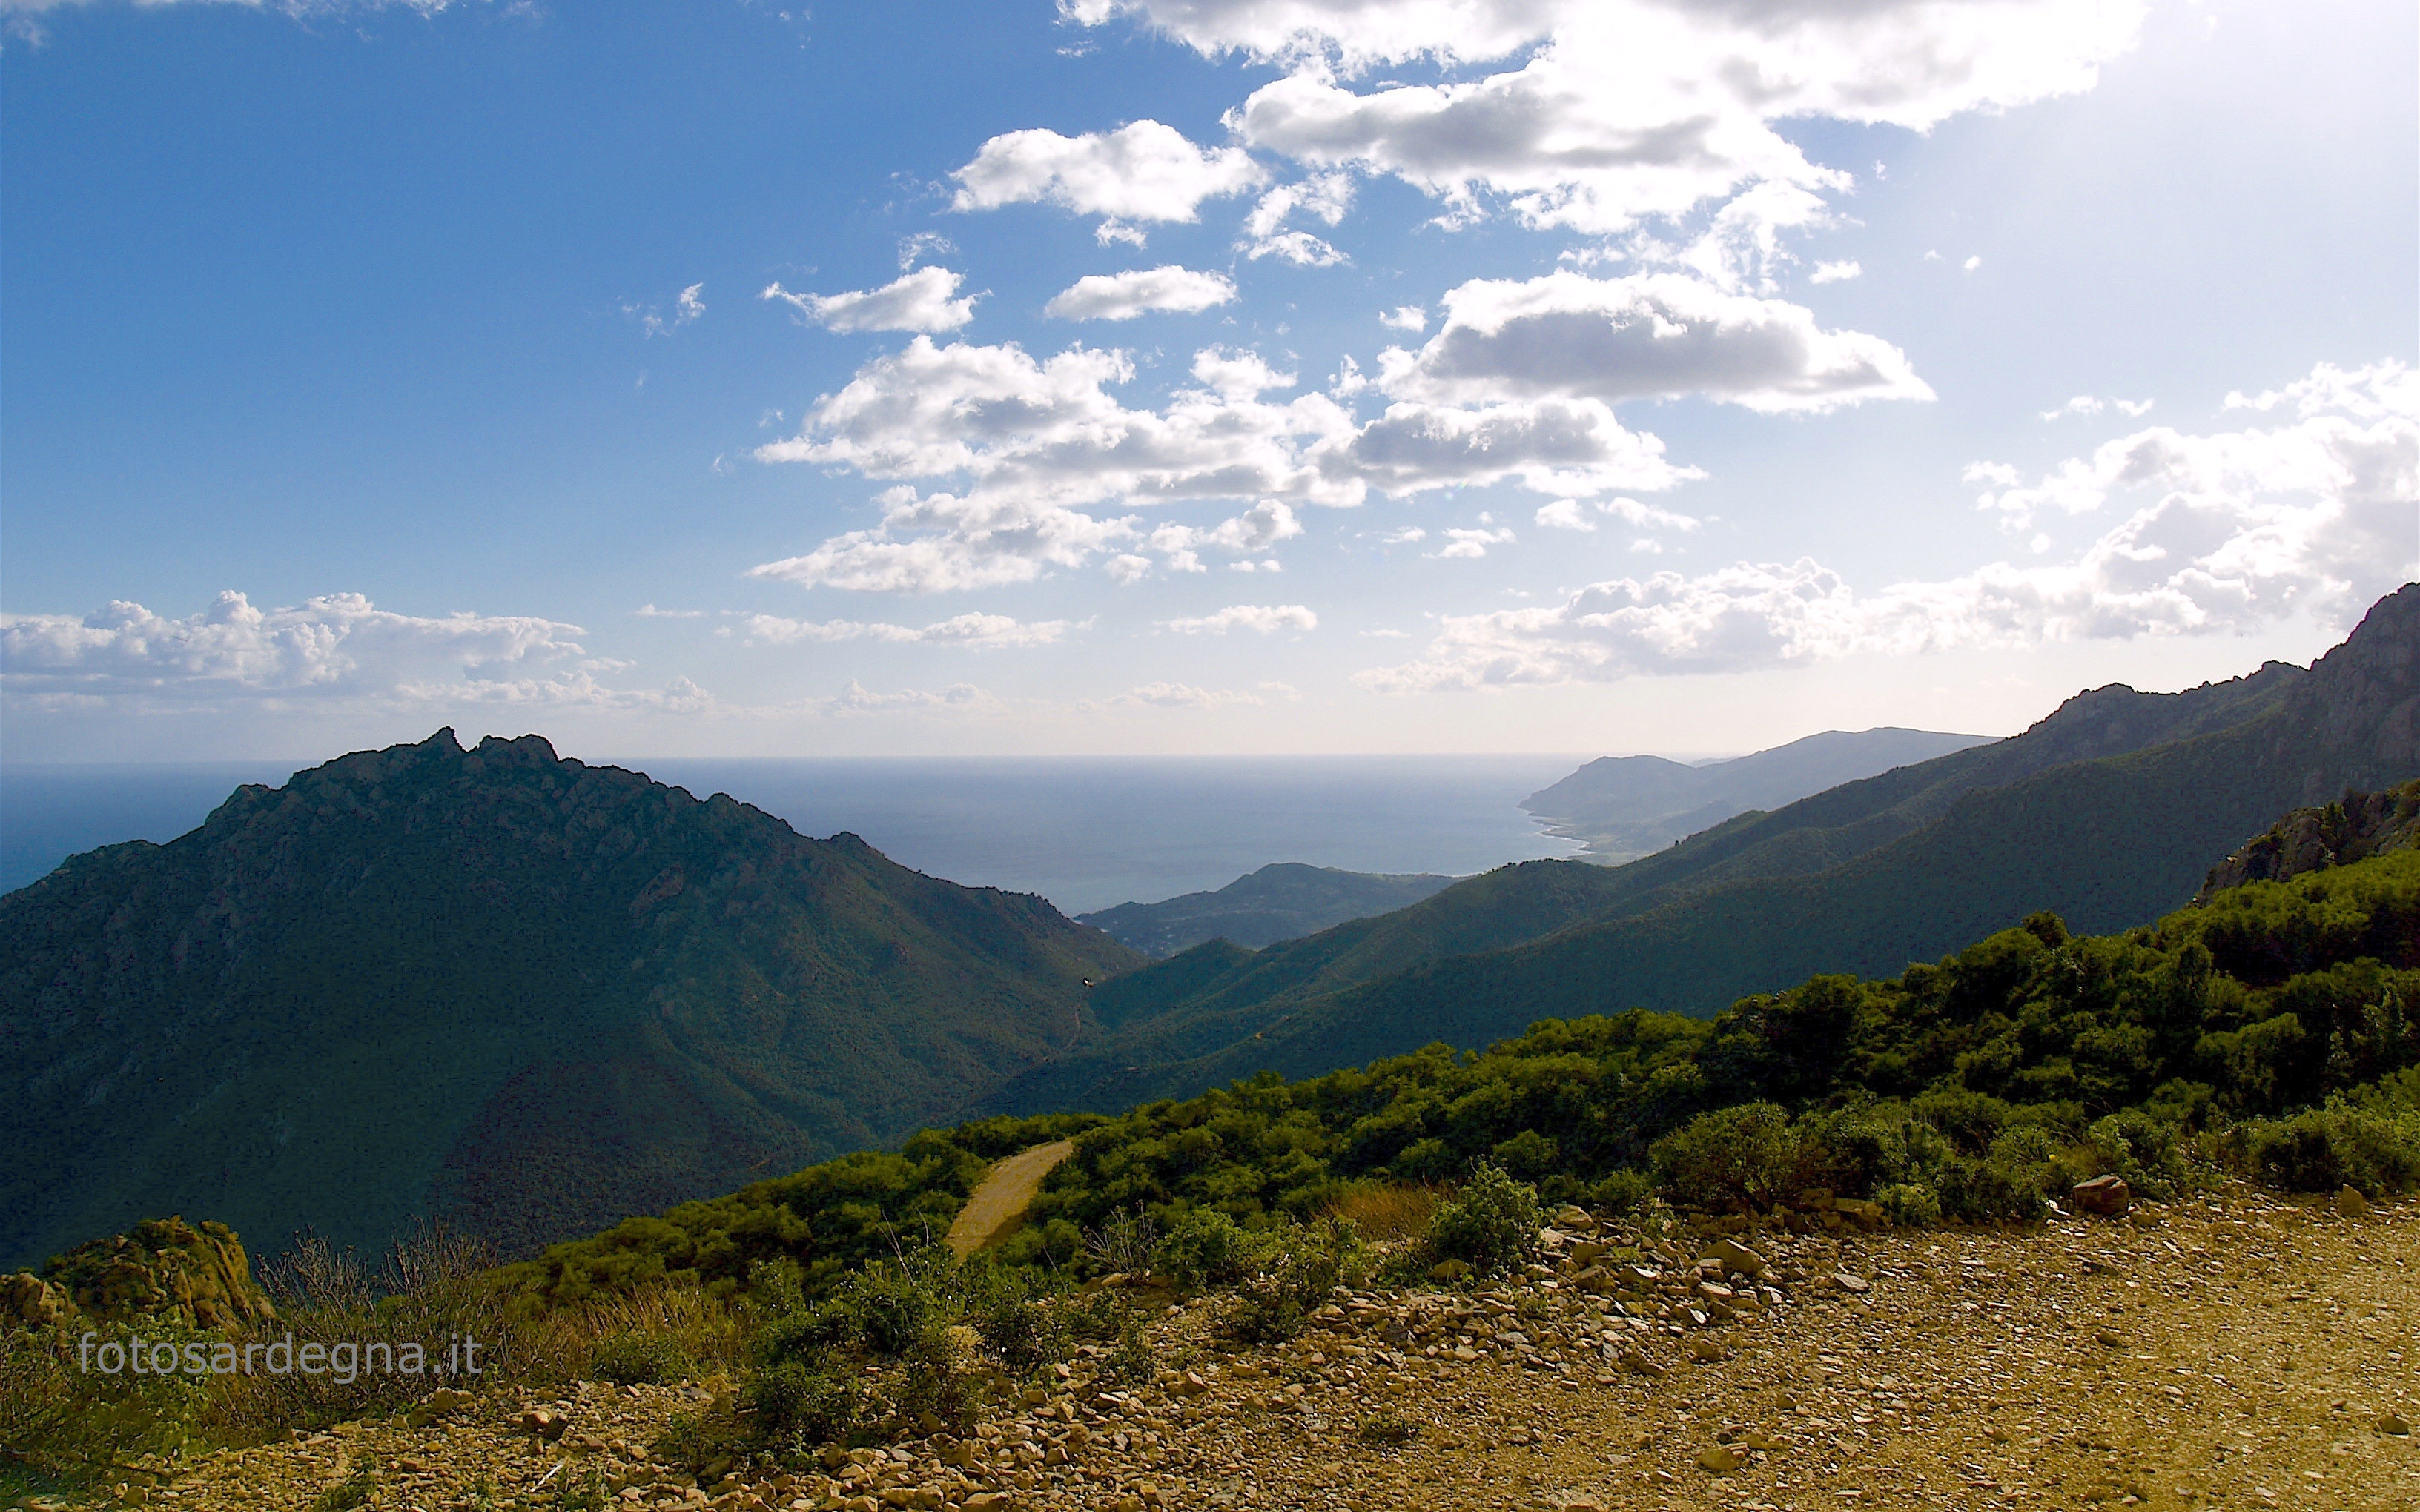 Tacca Abba Canuda, vista verso sud del bellissimo porfido rosso di Punta Cartucceddu e della valle e di Sarrala (clicca e ingrandisci).